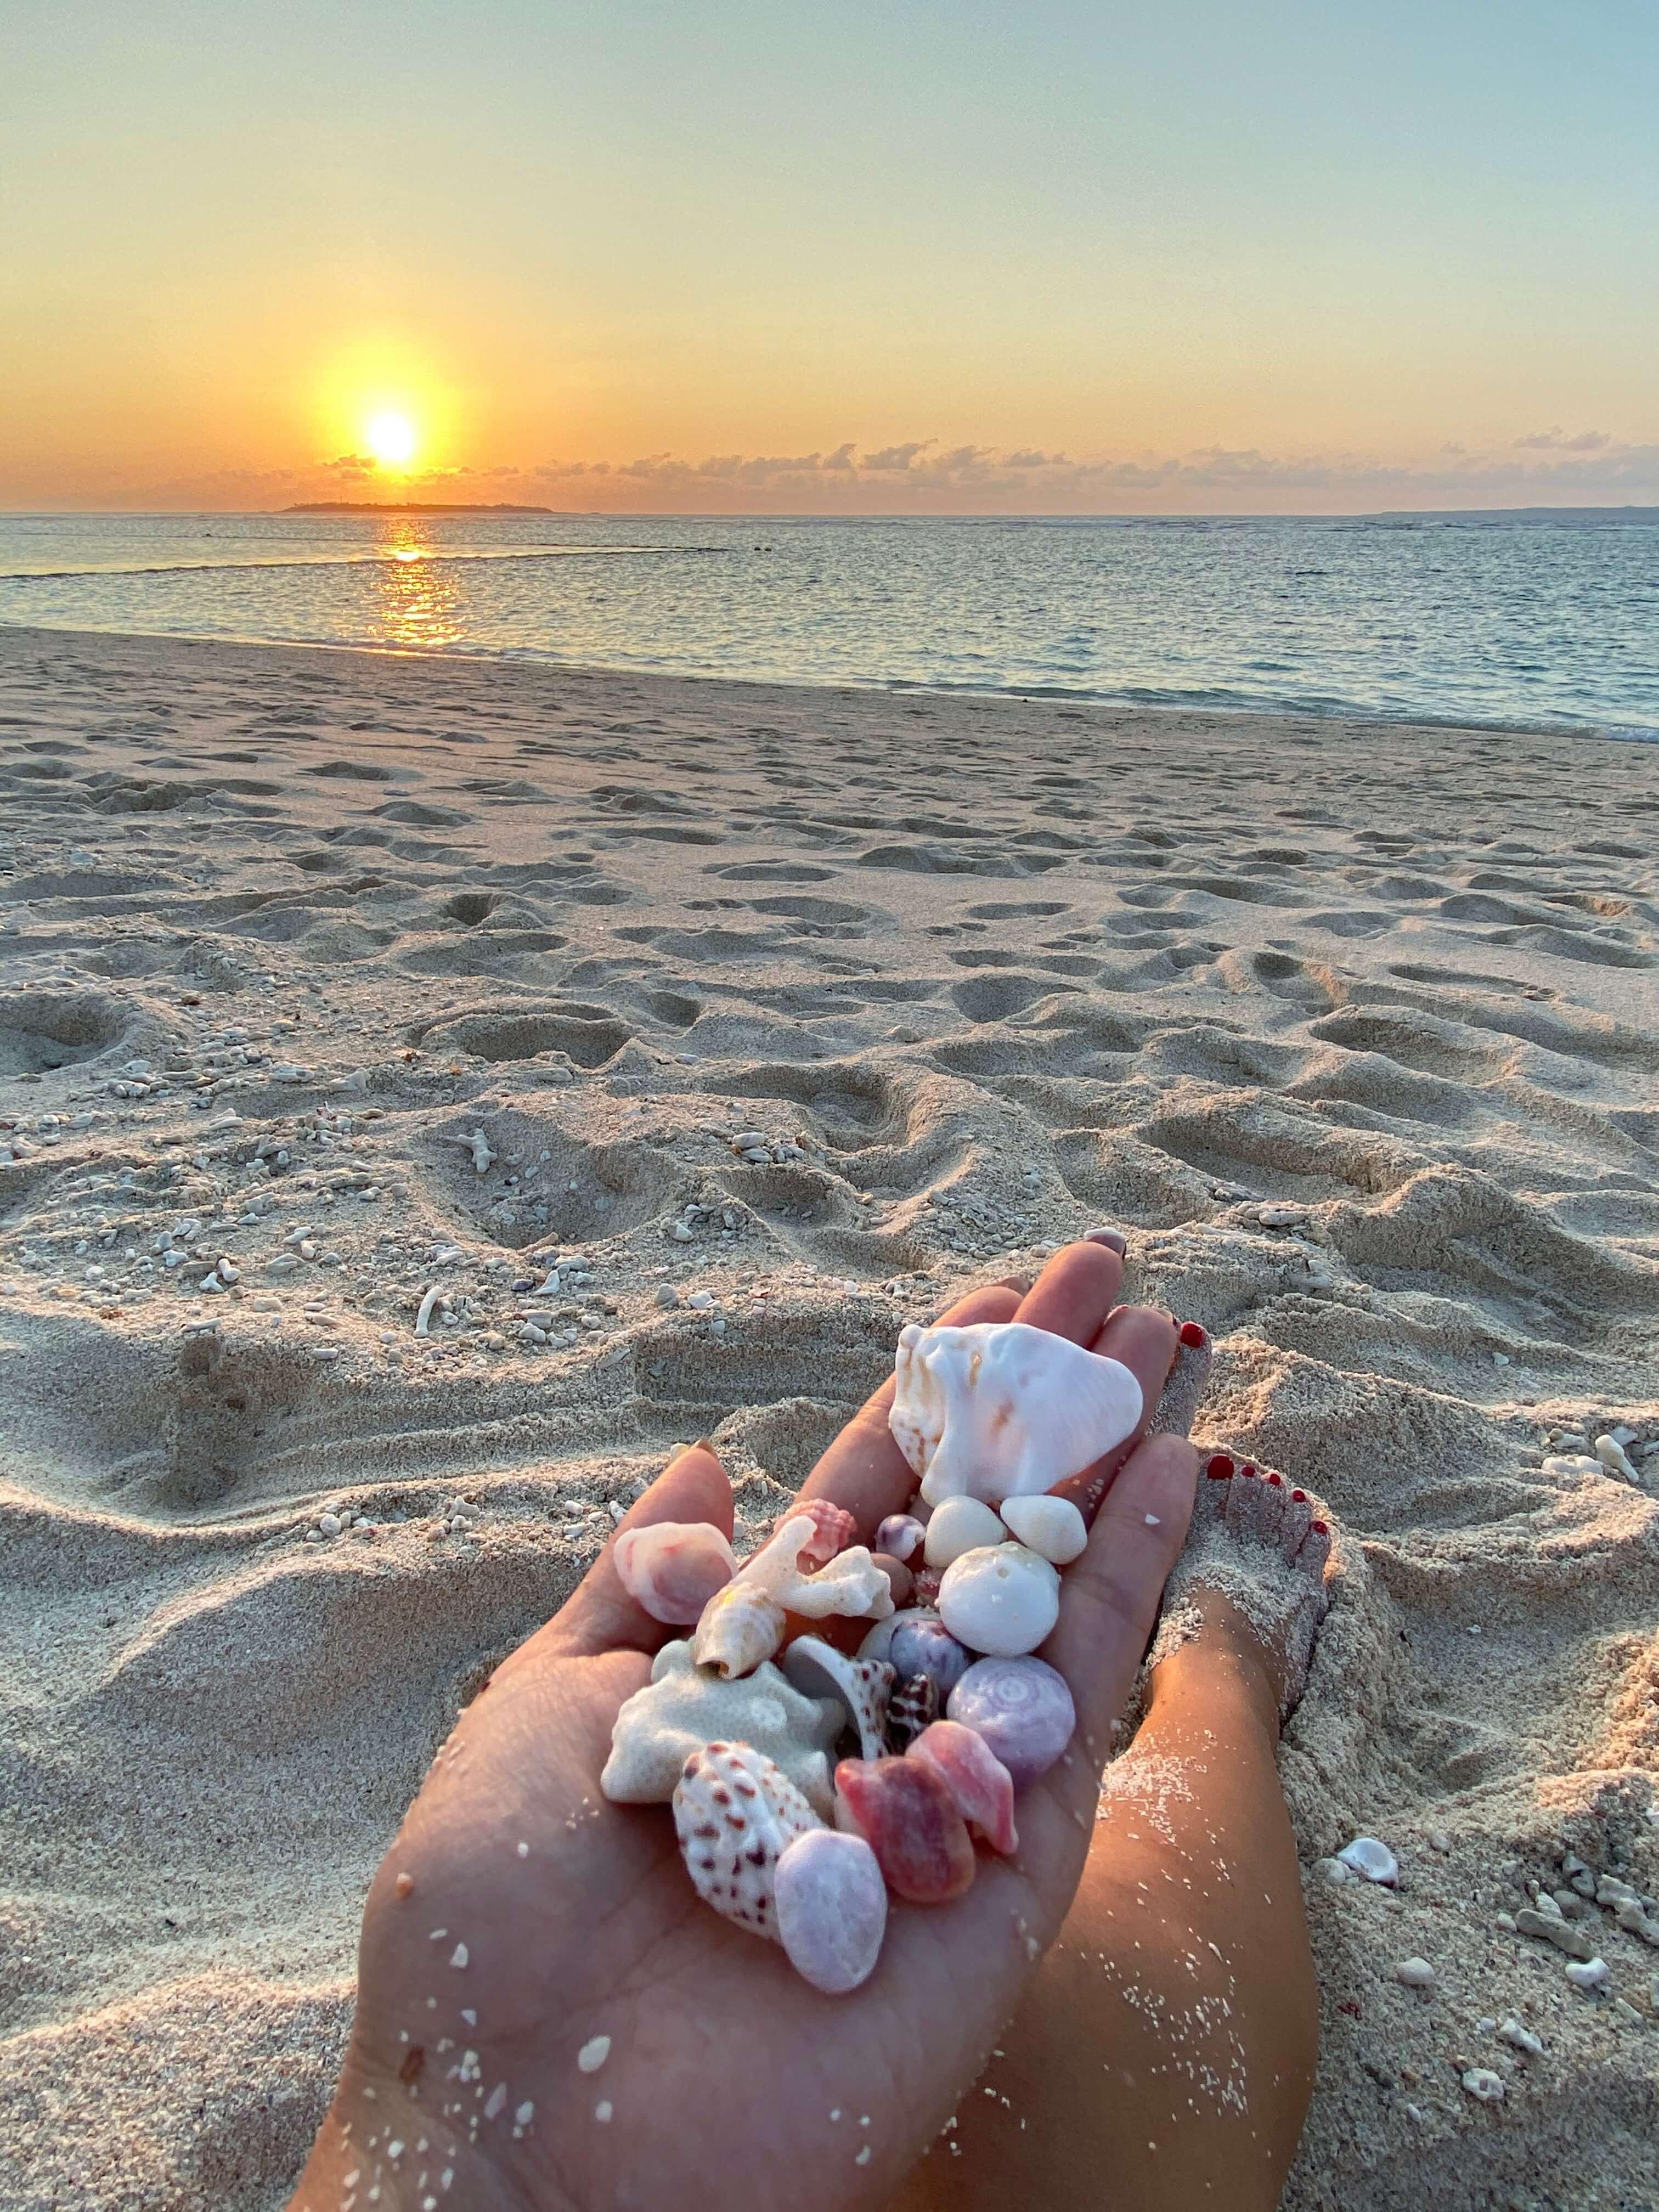 夕日が沈む砂浜と手に乗せた貝殻